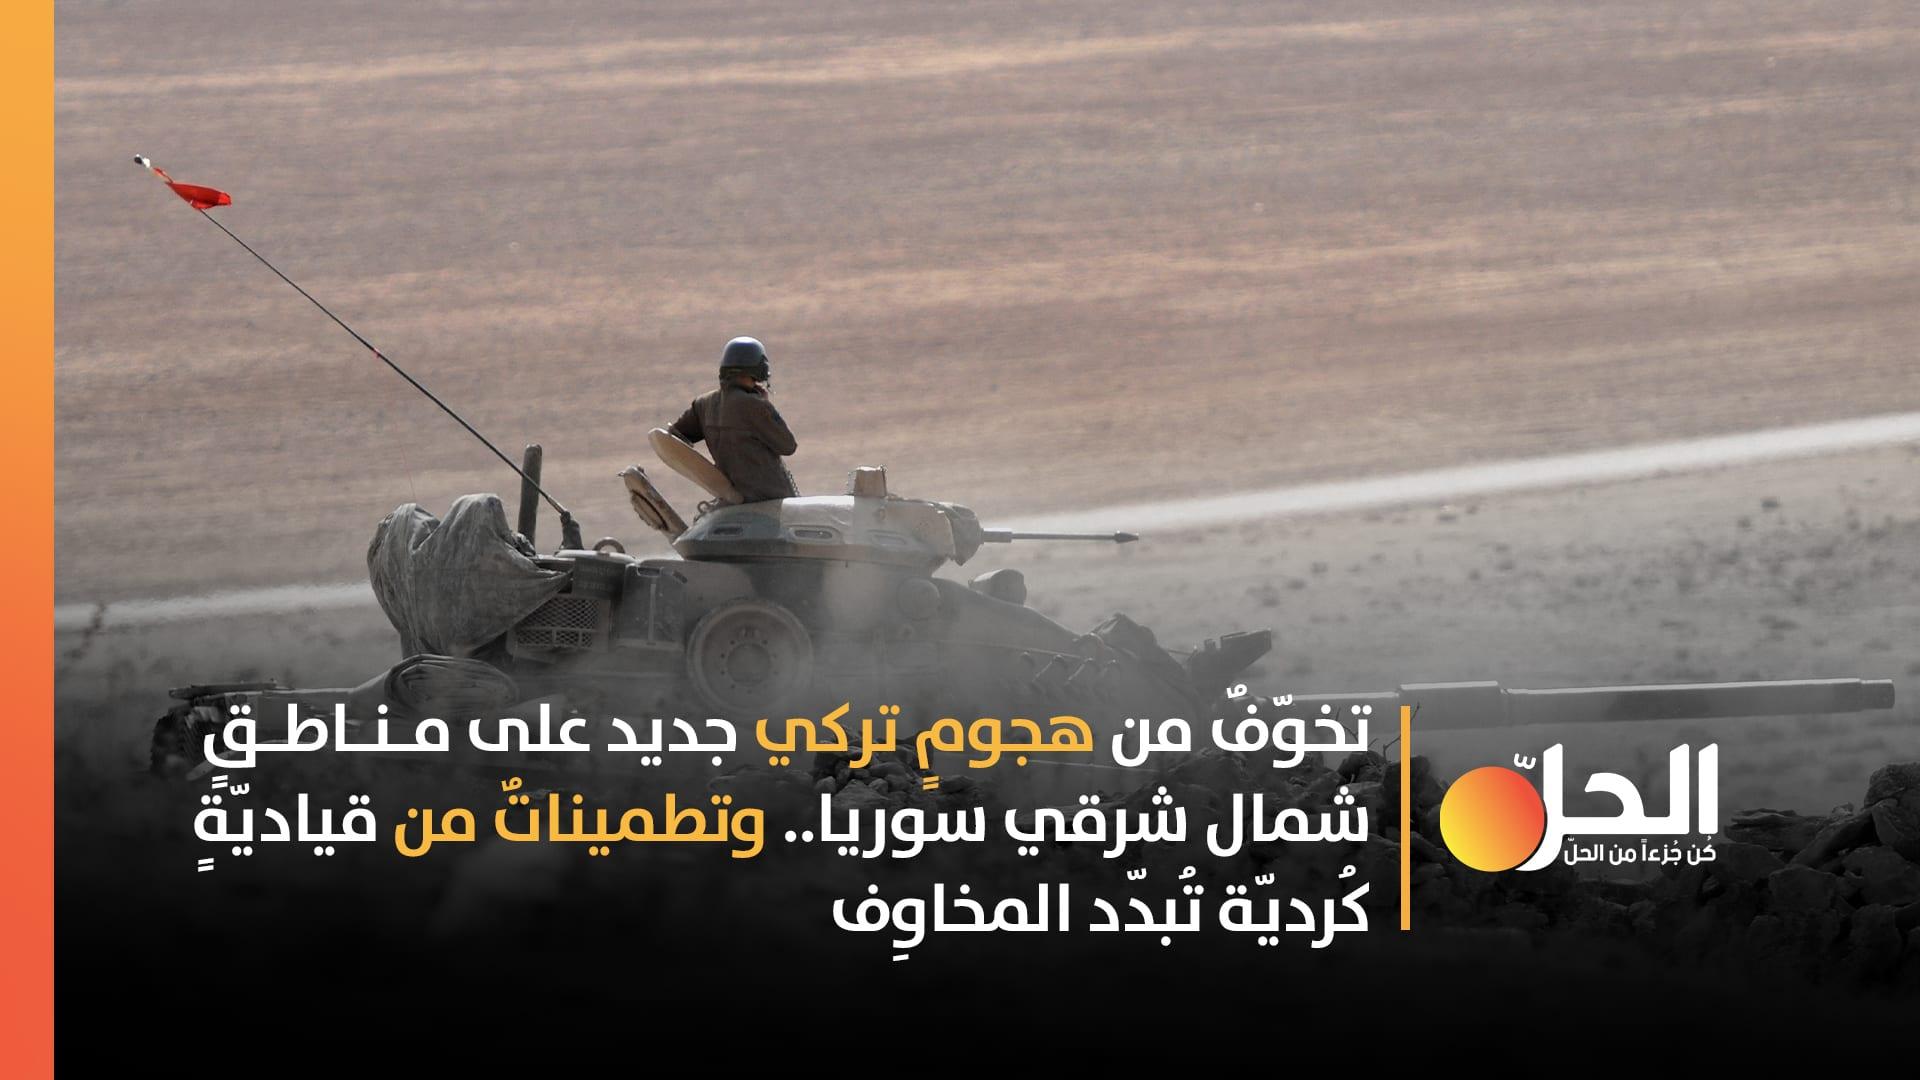 في ظلِّ انهيار الاقتصاد التركي.. هل ستُجدّد أنقرة هجماتها ضد الأكراد في شمال شرقي سوريا؟